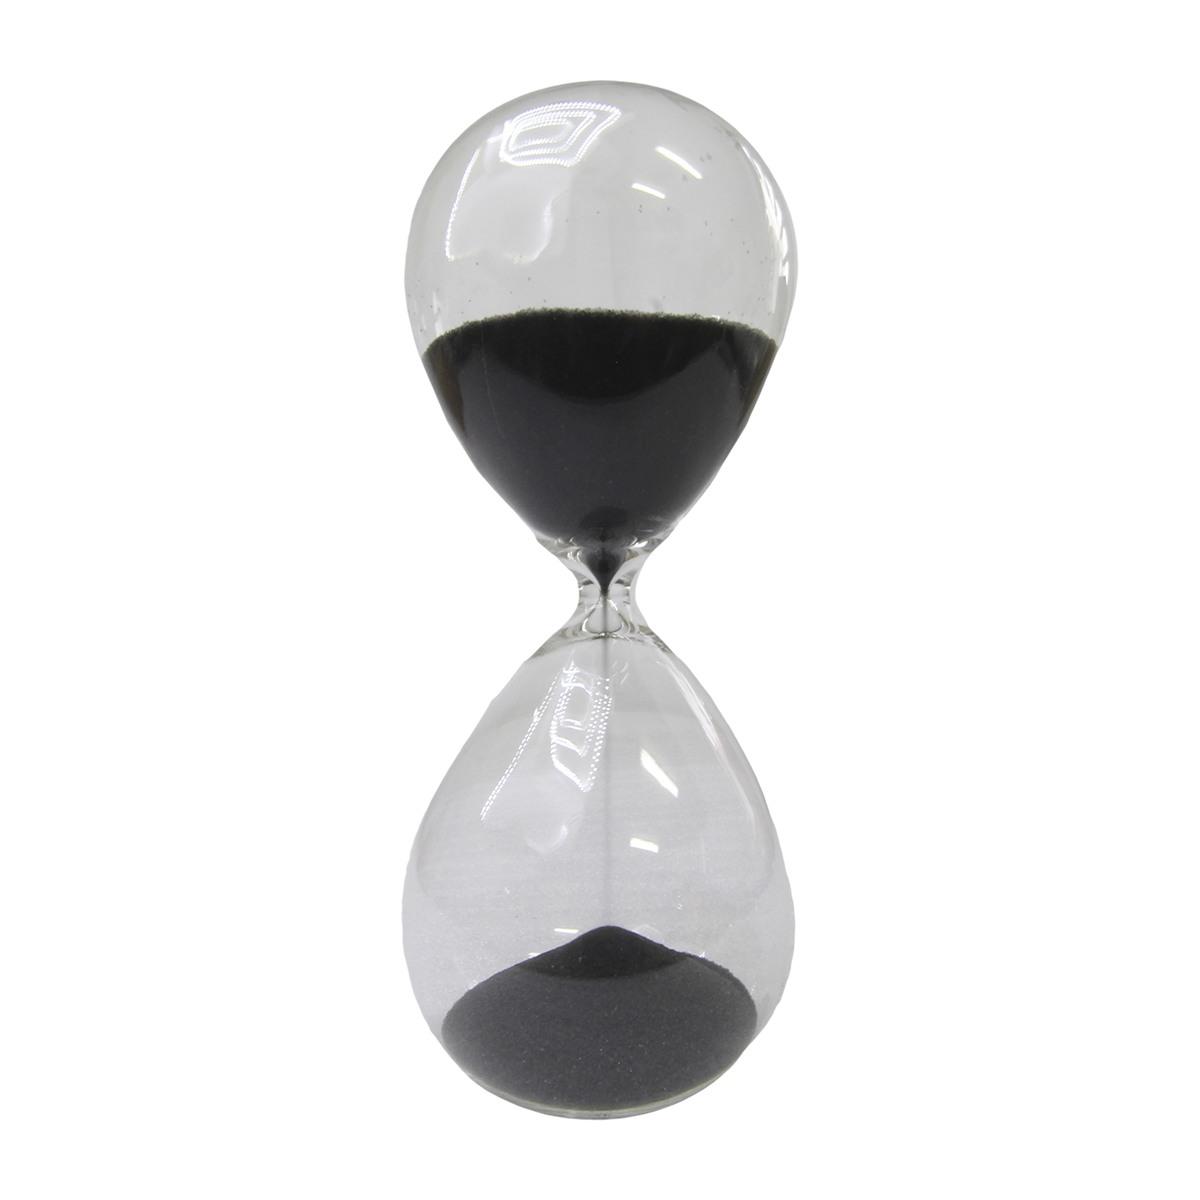 Ampulheta em vidro com areia preta 15 min 8x19,5x8cm BTC